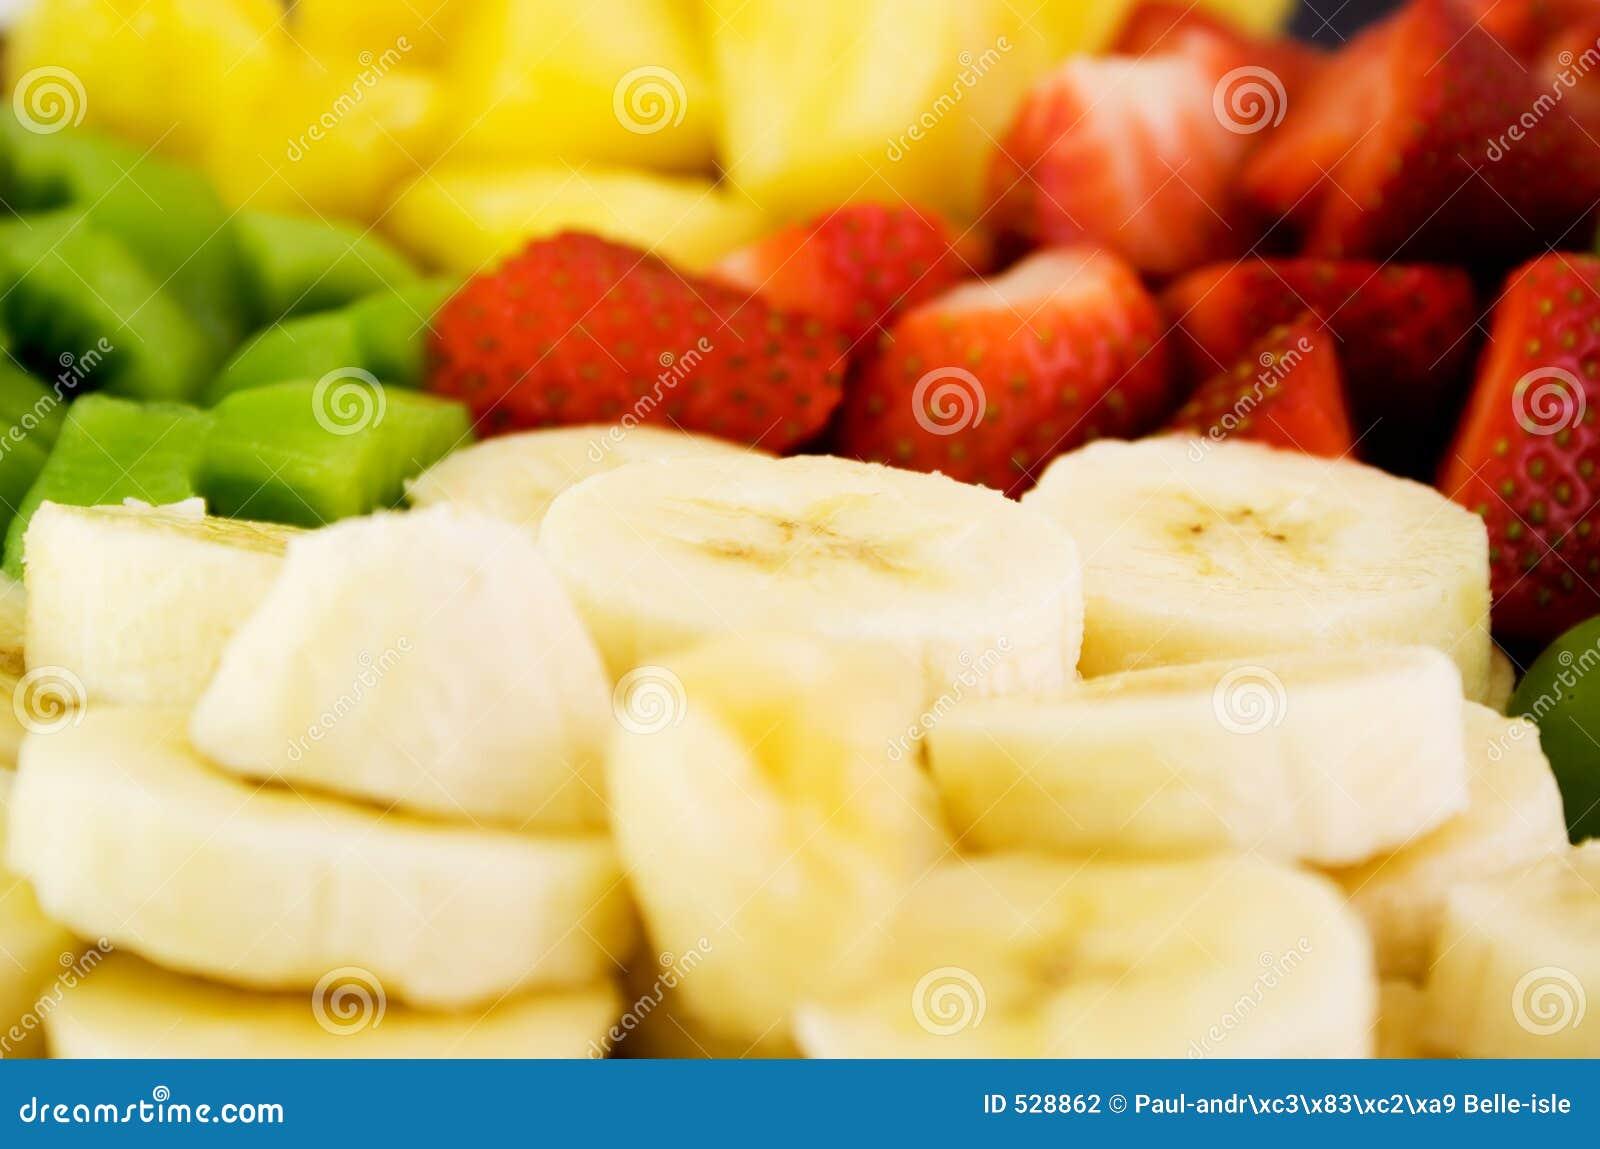 Download 果子牌照 库存照片. 图片 包括有 猕猴桃, 种子, 牌照, 沙拉, 果子, 营养, 五颜六色, 宏指令, 新鲜 - 528862